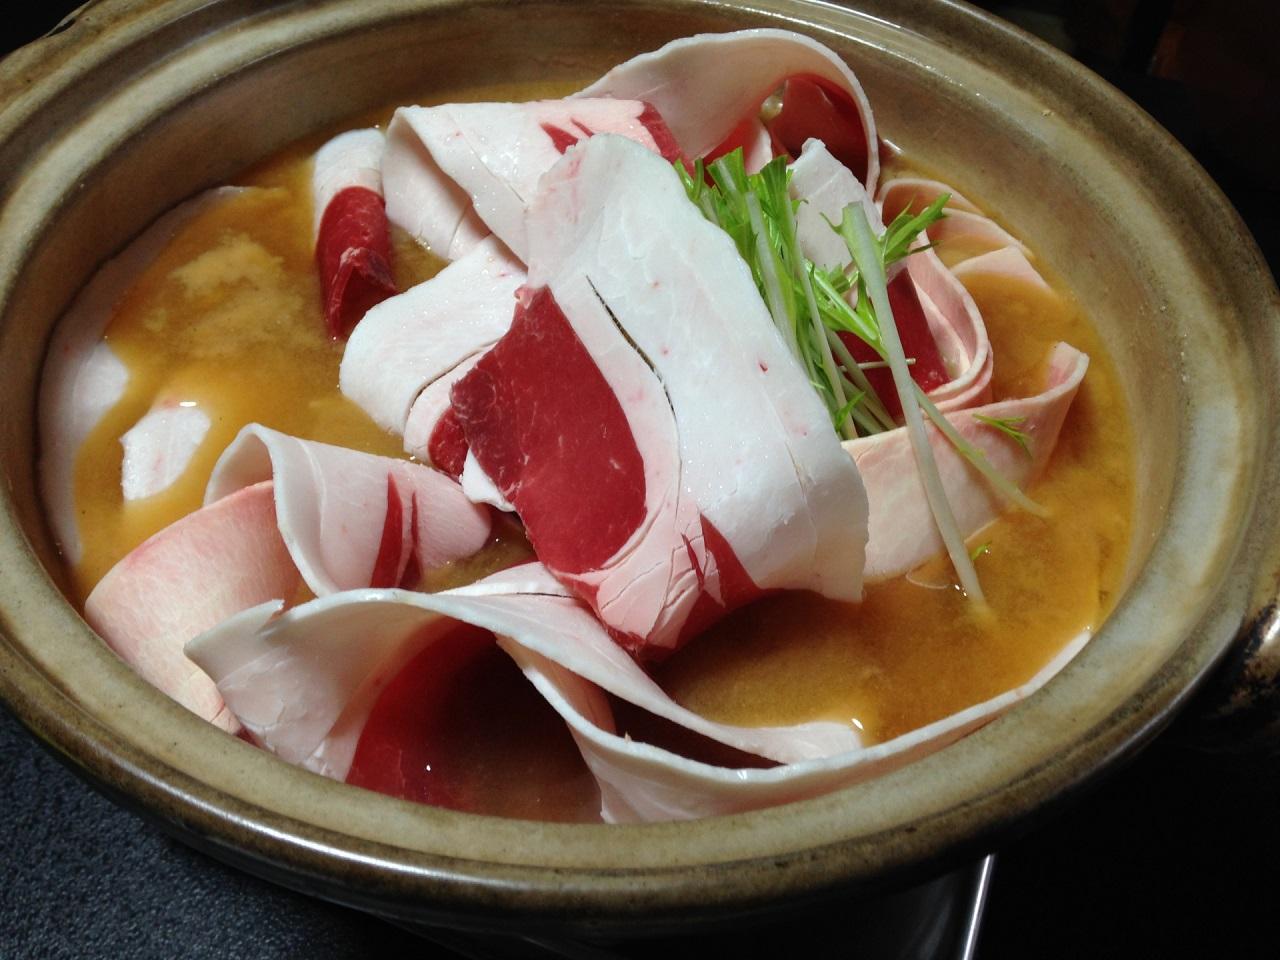 อาหารท้องถิ่น จ. อิบารากิ (Ibaraki) - ชิชินาเบะ (Shishi Nabe)